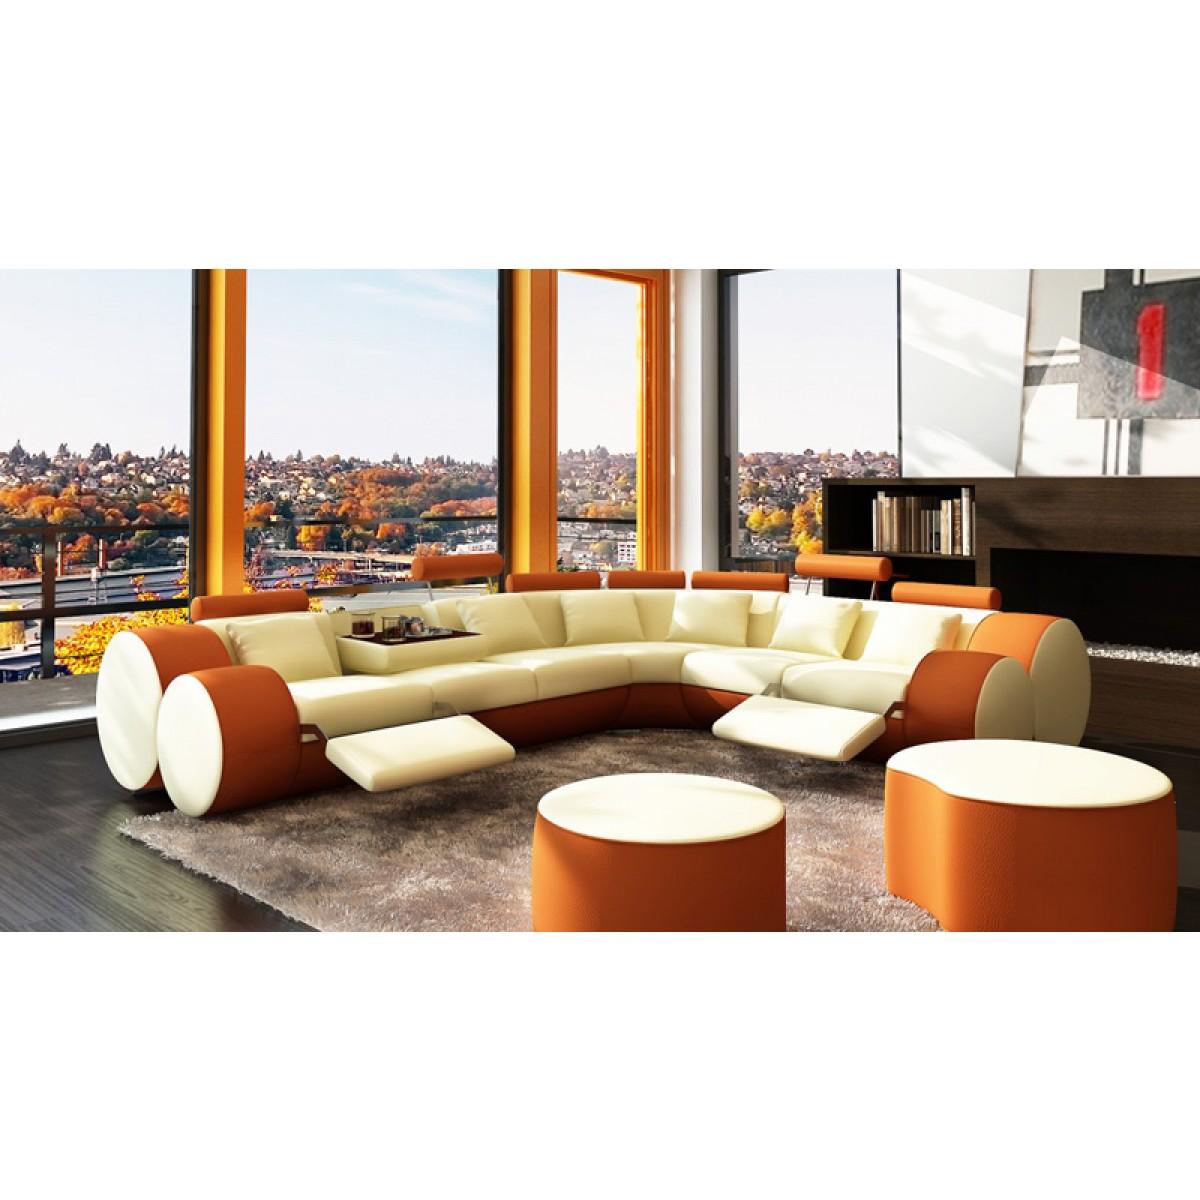 Grand canap d 39 angle relax en cuir 6 places roll - Grande marque de canape ...